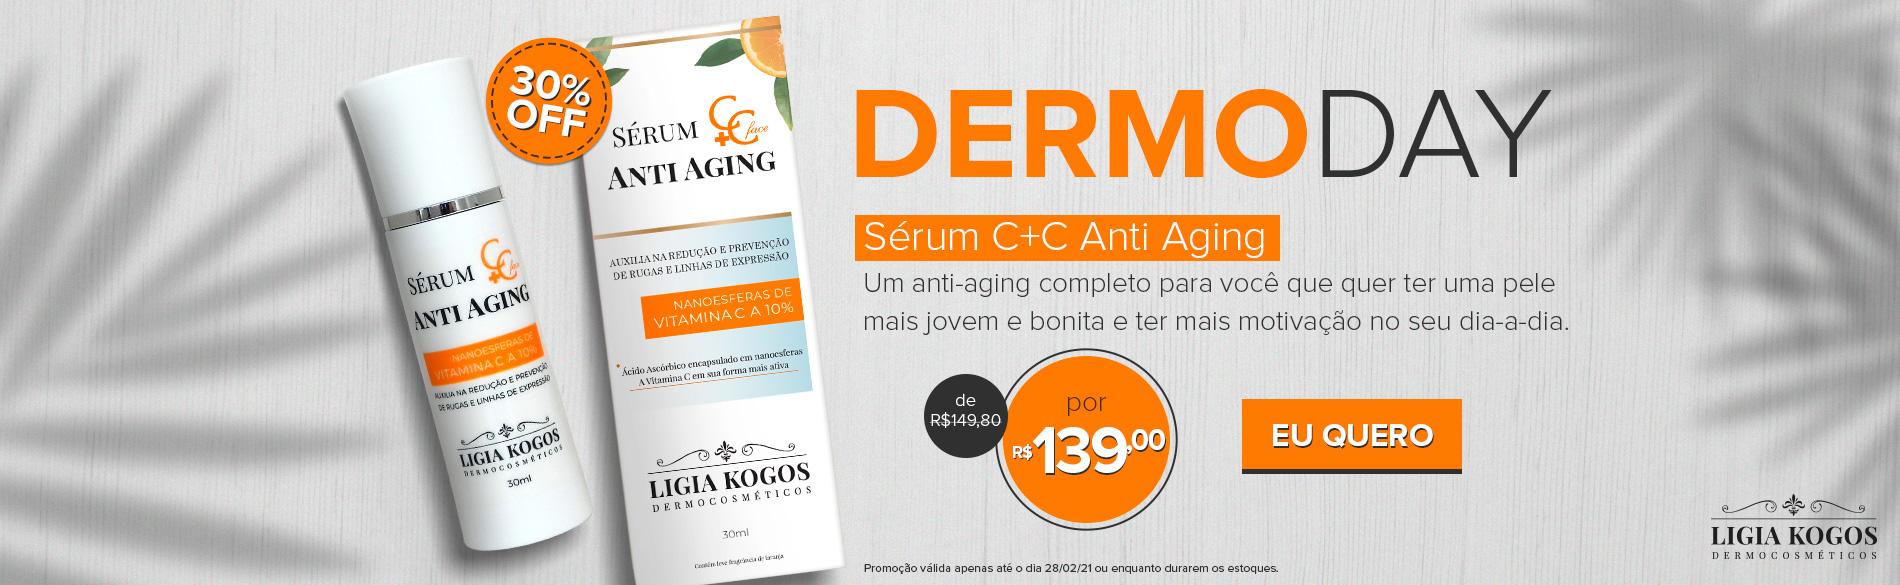 Banner Dermo Day - C+C